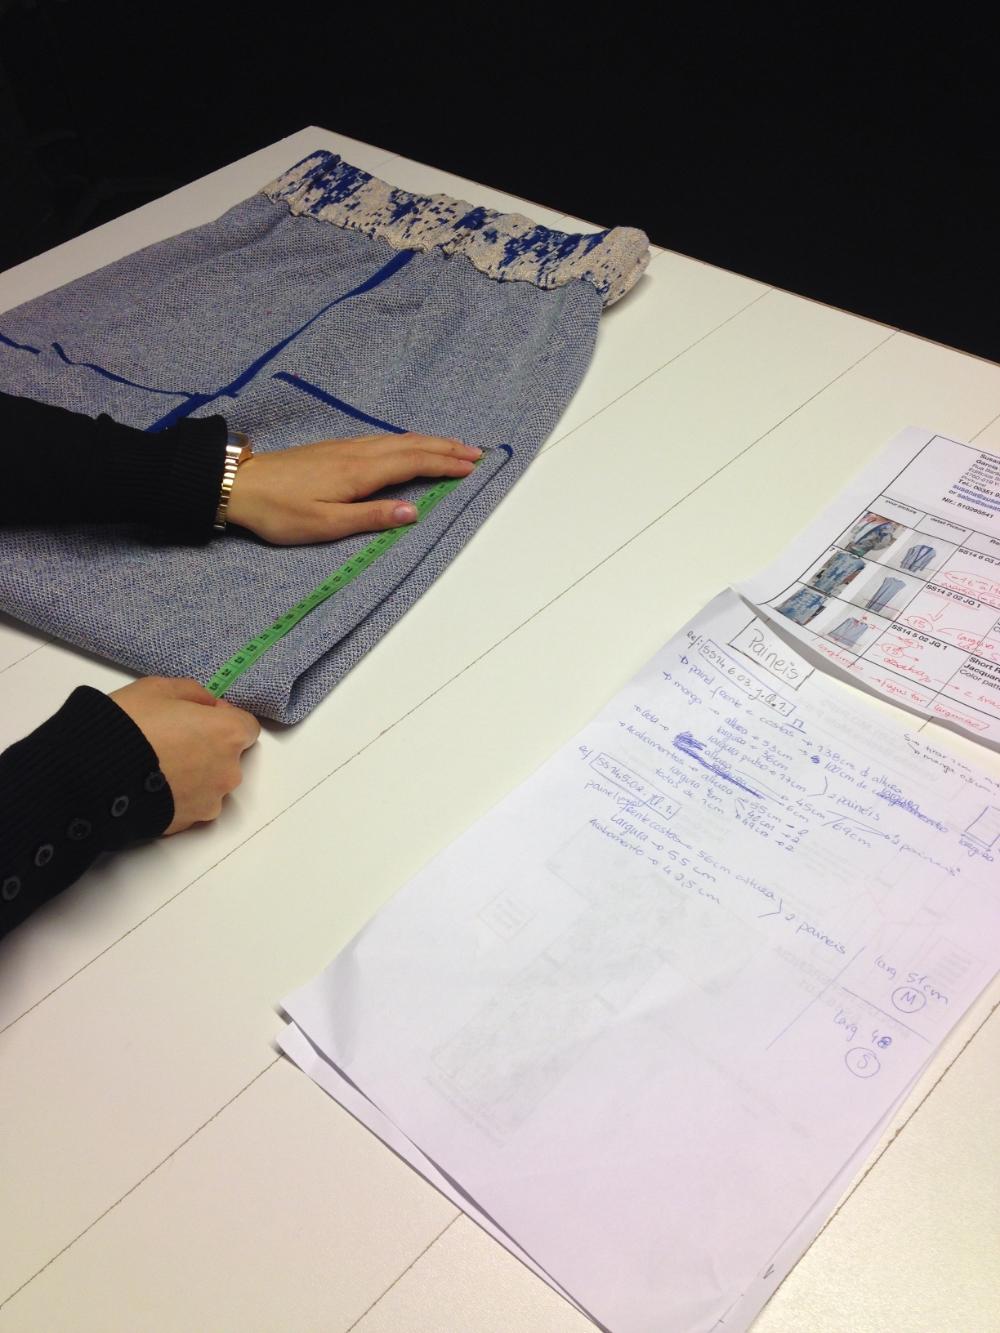 Производство уникальных вязаных изделий от концептуально дизайнера Сюзанны Беттенкурт. Все ее вещи производятся в Португалии в маленьких мастерских. Каждая вещь точна до миллиметра.